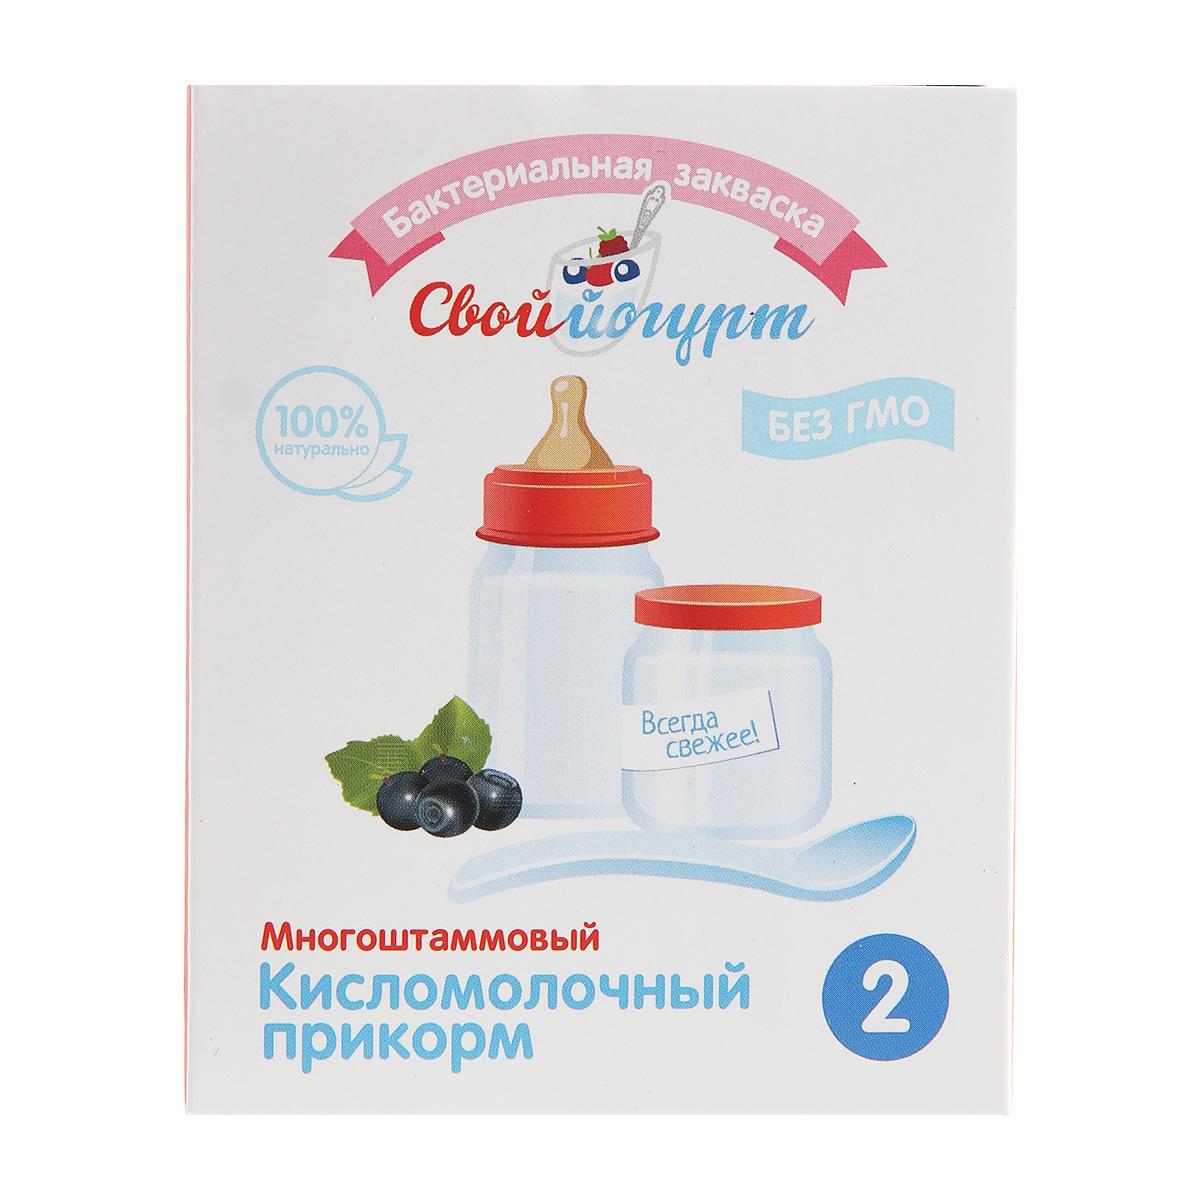 Закваска для приготовления Прикорма 2 (с 6 мес) 1 гр 5 шт<br>